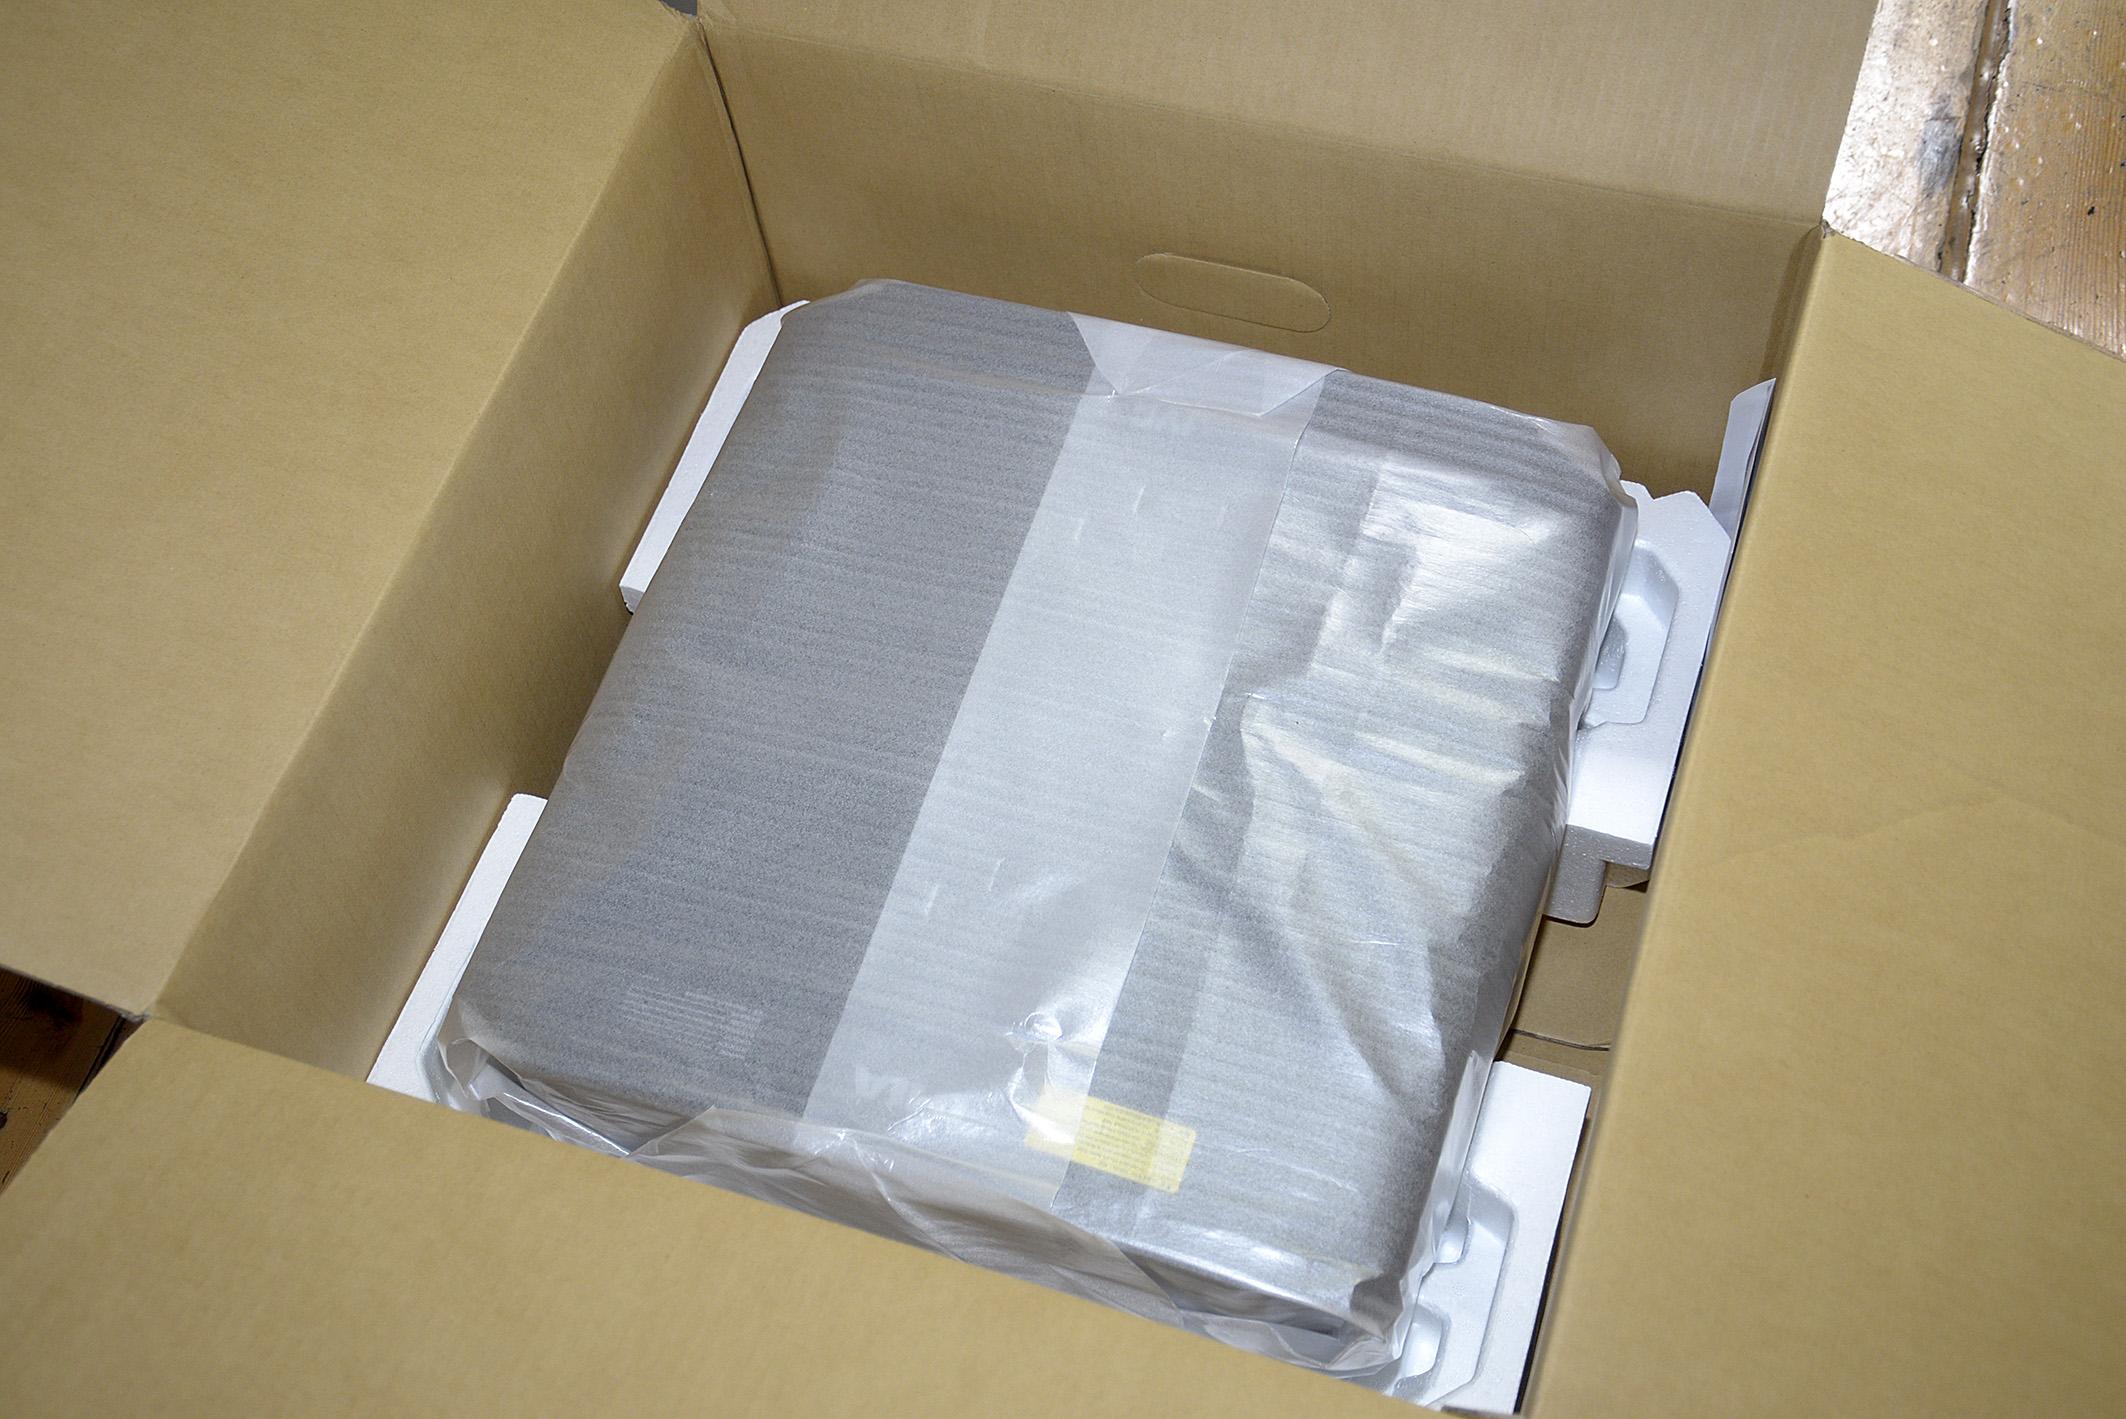 Foto: Michael B. Rehders Sobald der Styropor-Deckel in der soliden Verpackung abgenommen wird, kommt darunter der große JVC DLA-X5500 zum Vorschein.